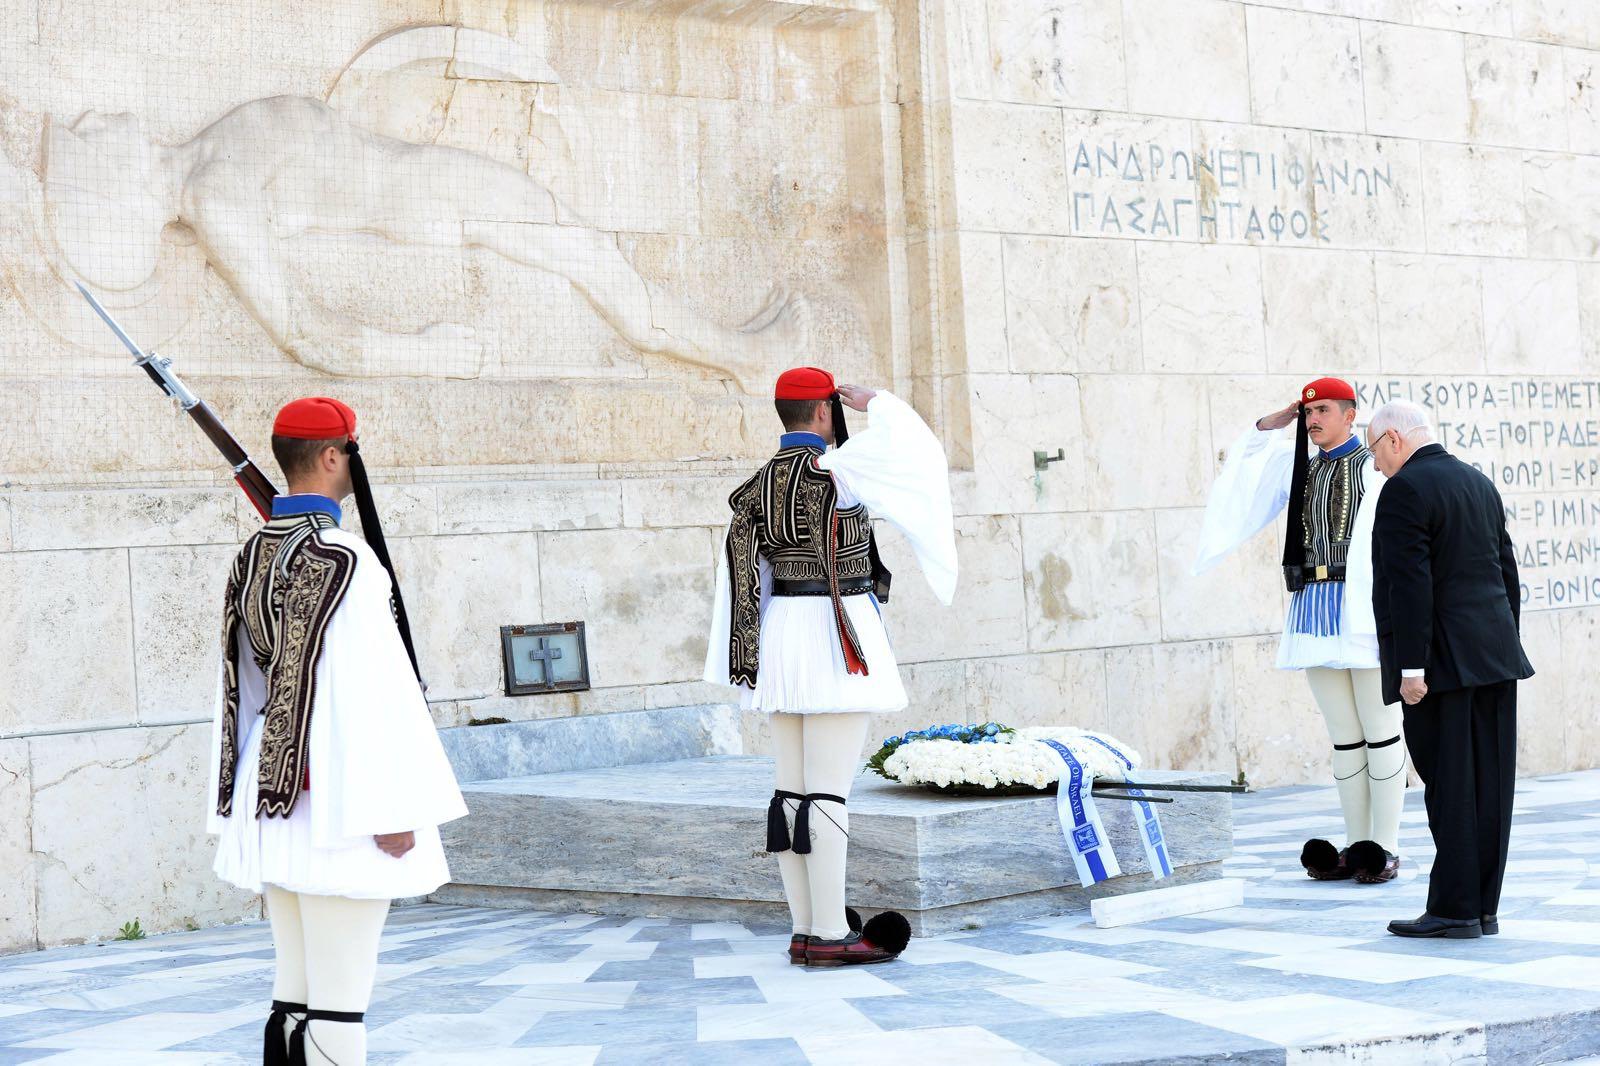 الرئيس الإسرائيلي رؤوفين ريفلين في أثينا